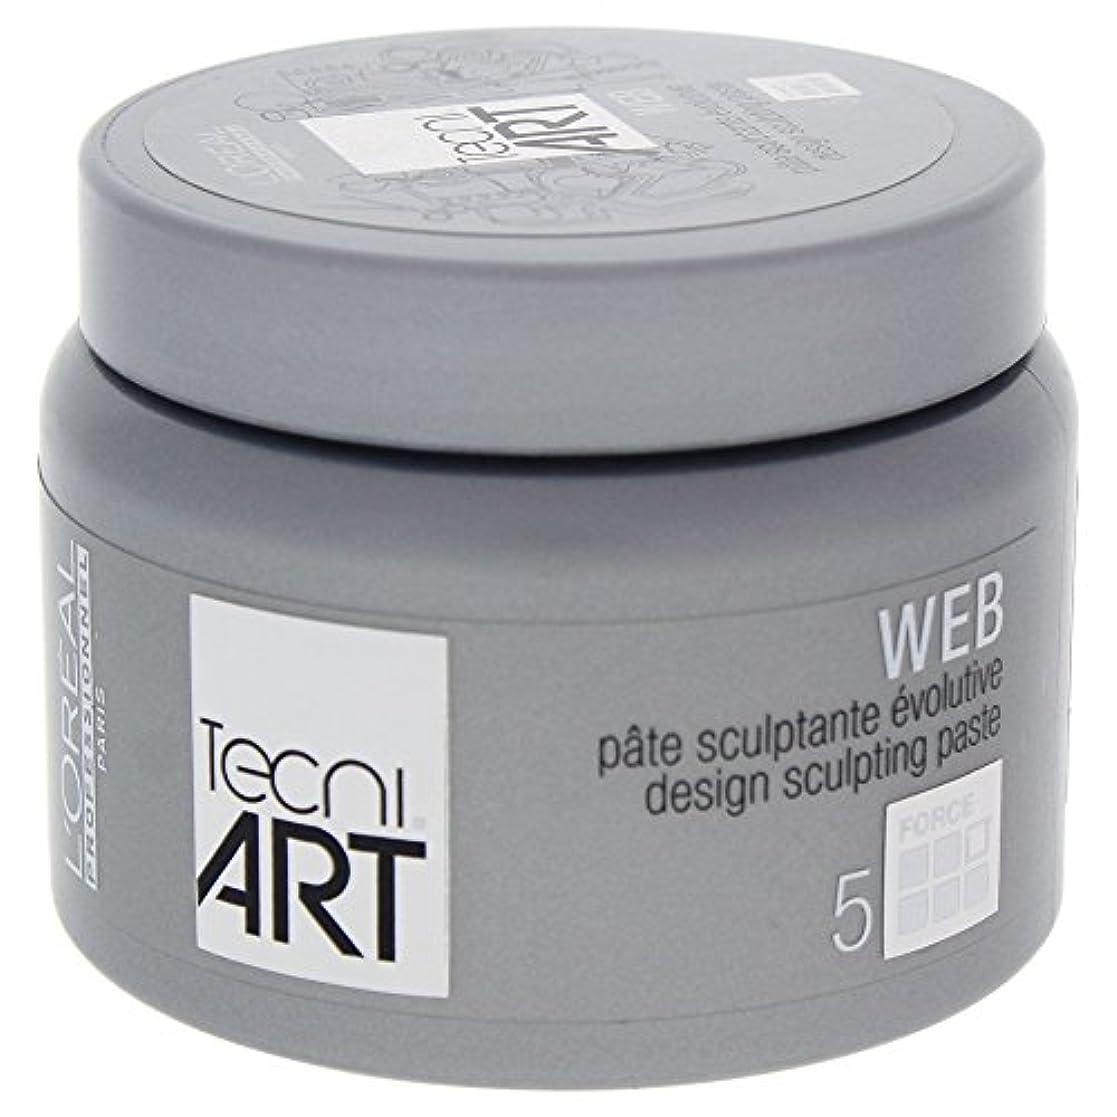 宴会組み込む忠実にロレアルテクニアートTecni Art Force 5 Web Design Sculpting Paste